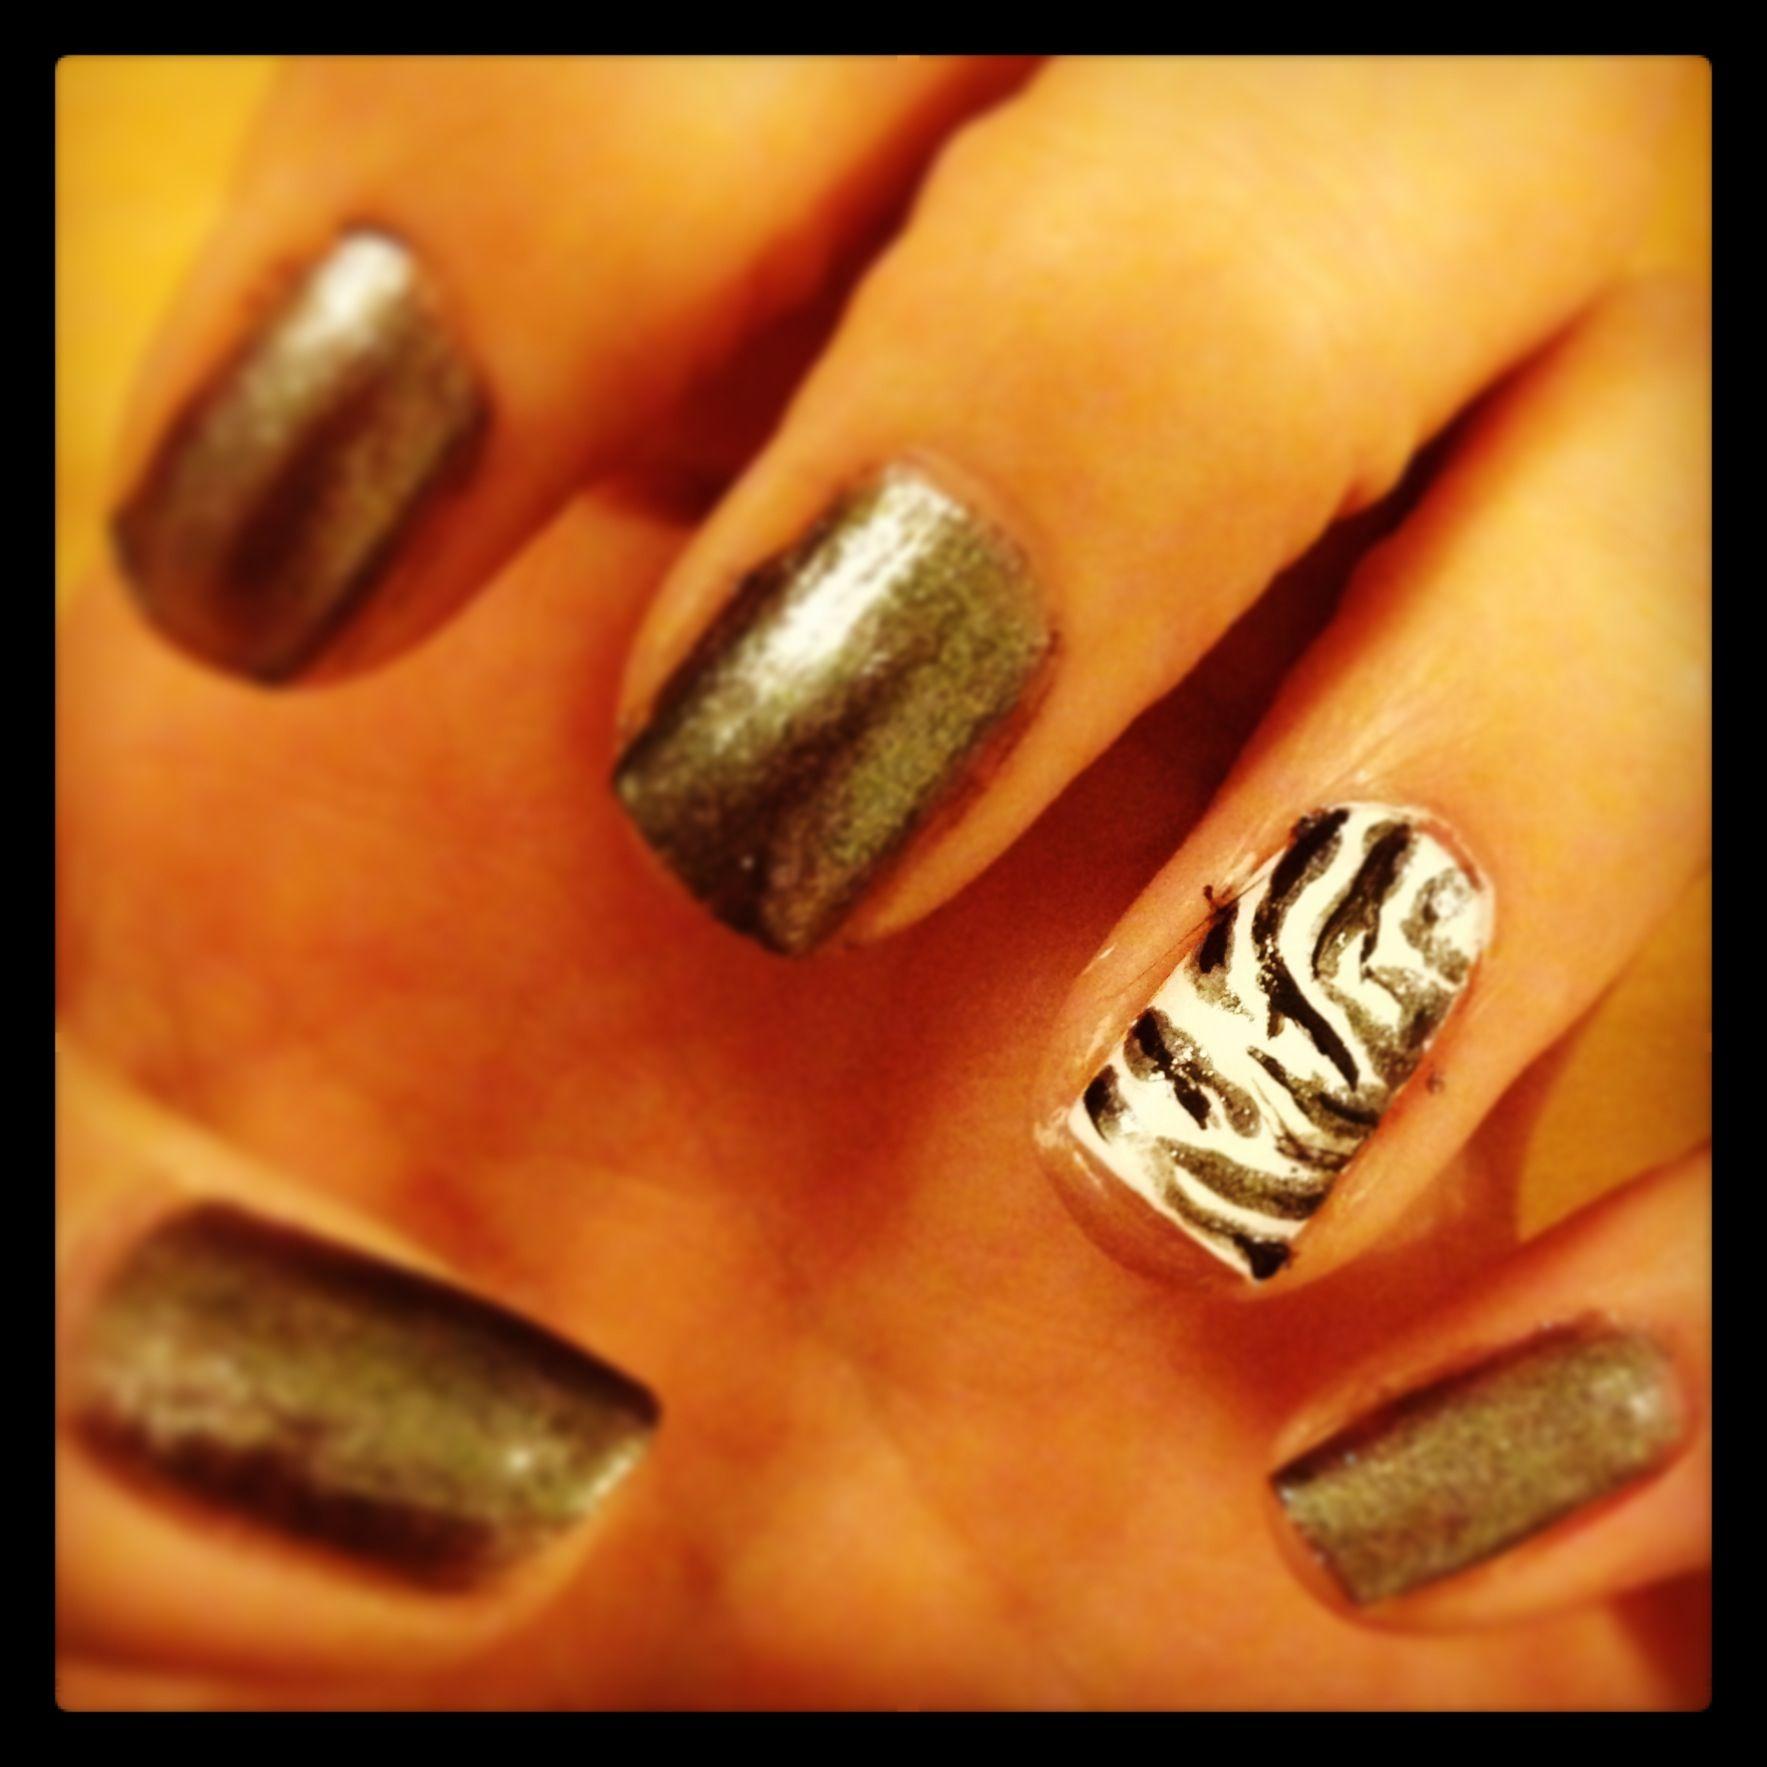 Nail Art Zebra Stripes: Nail Art Stripes, Zebra